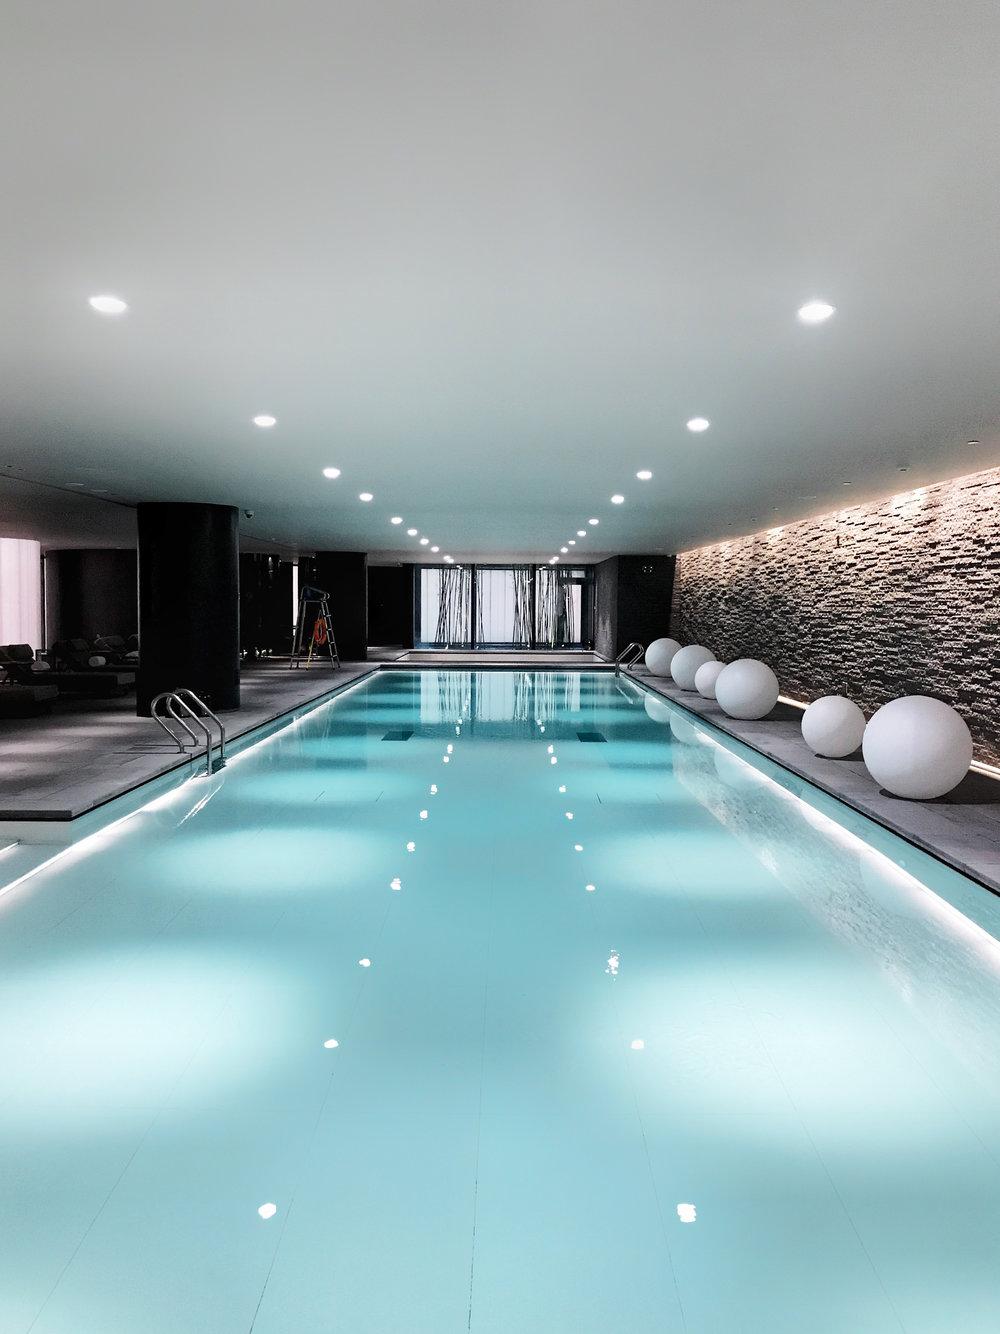 pool at MI XUN spa